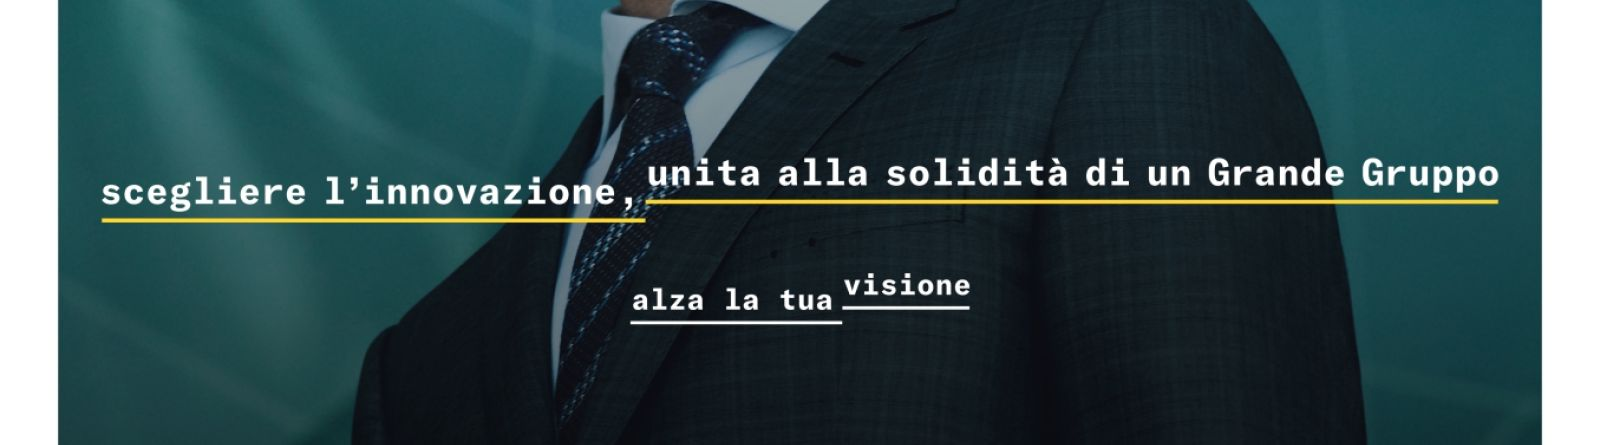 """CheBanca! lancia la campagna """"Alza la tua visione"""""""